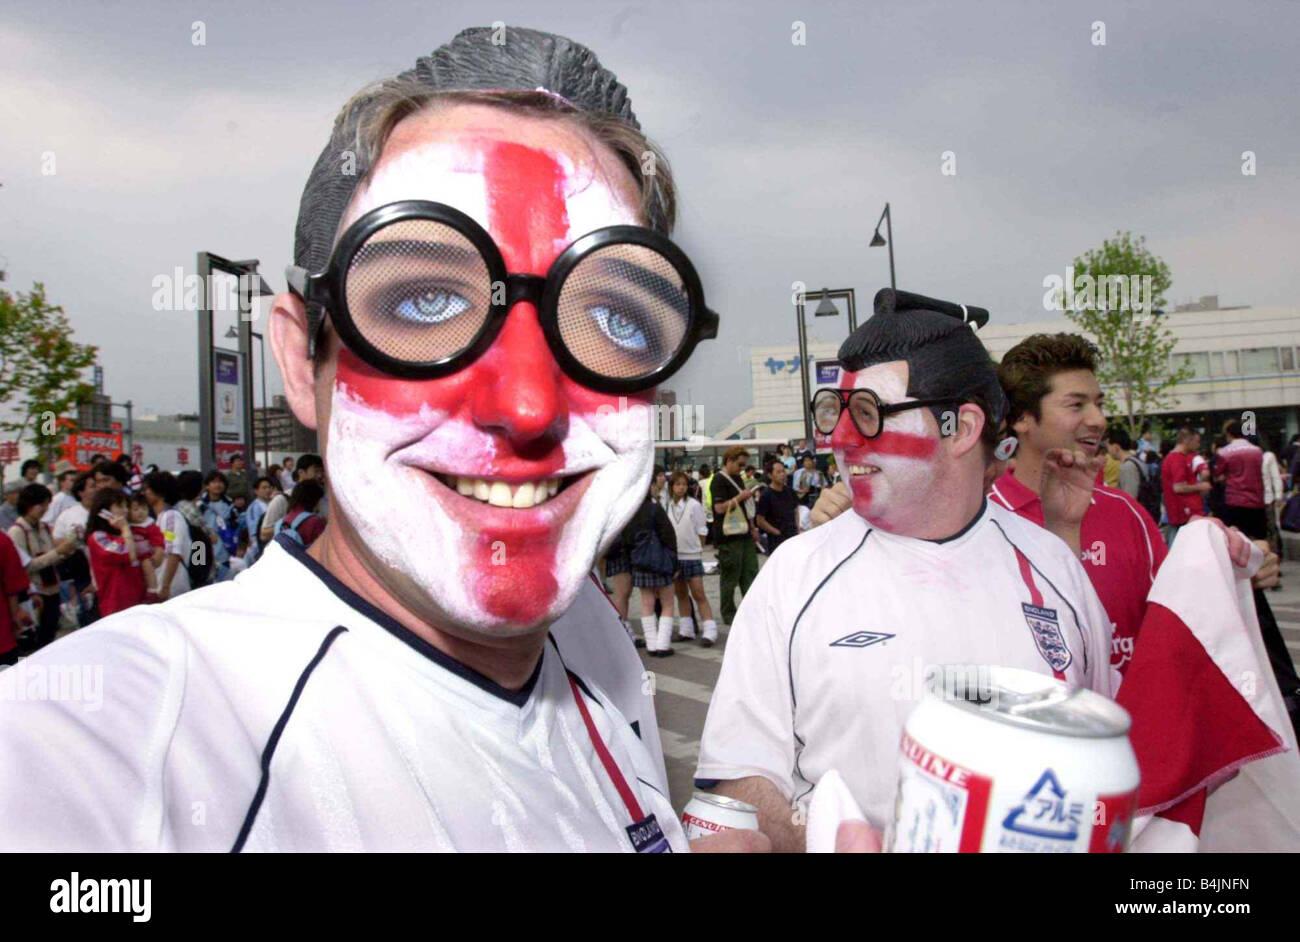 Angleterre Football Fans Supporters Juin 2002 Photo célébrant après avoir gagner contre l'Argentine Photo Stock